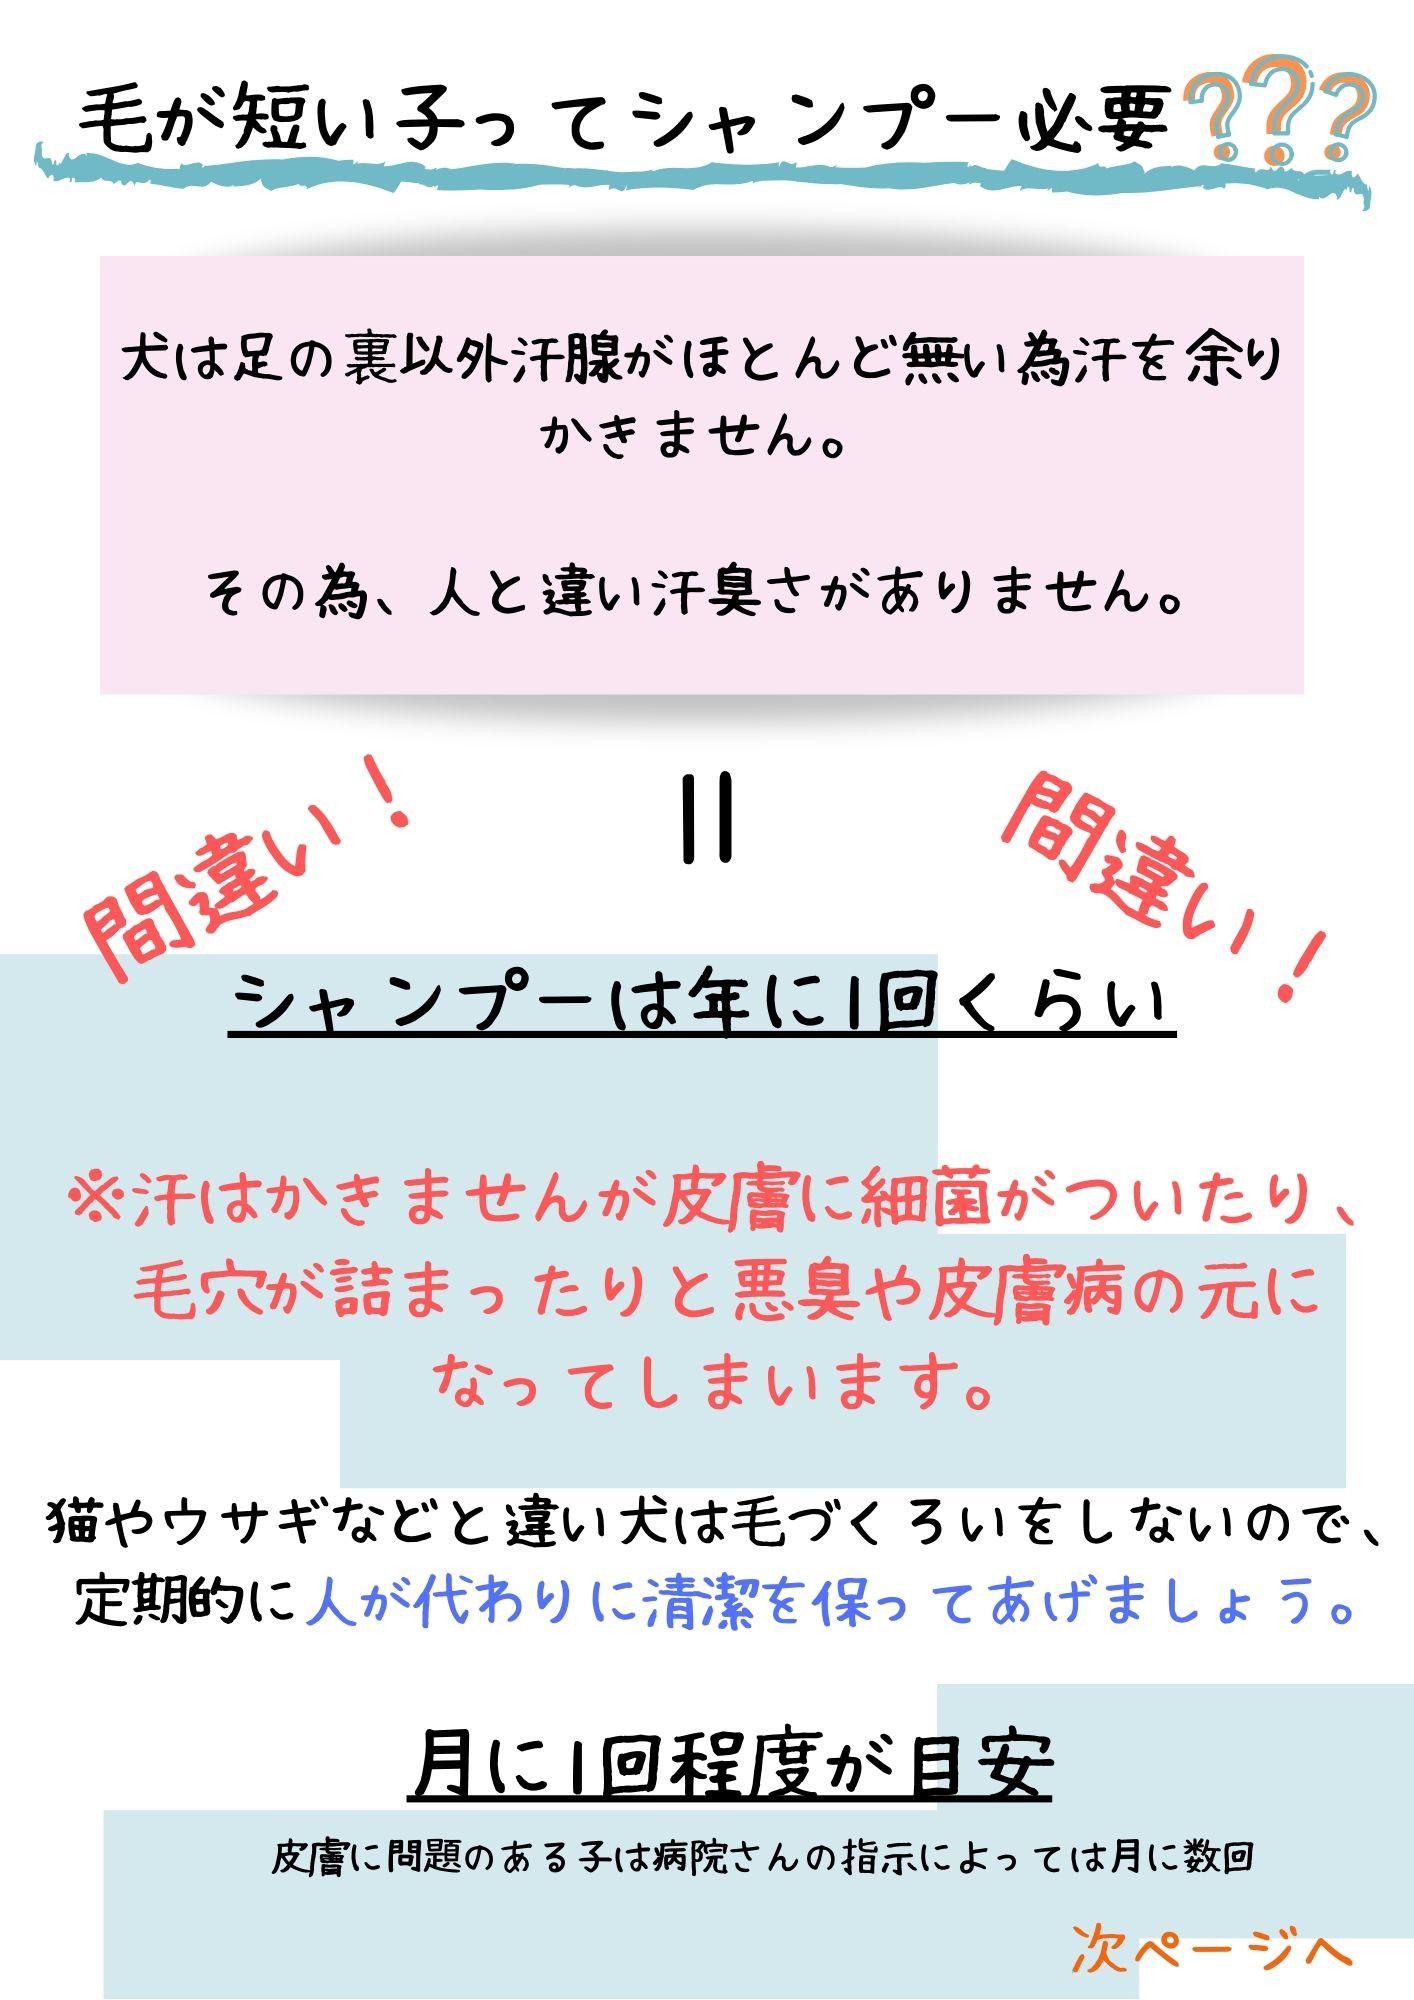 短毛種シャンプー.jpg